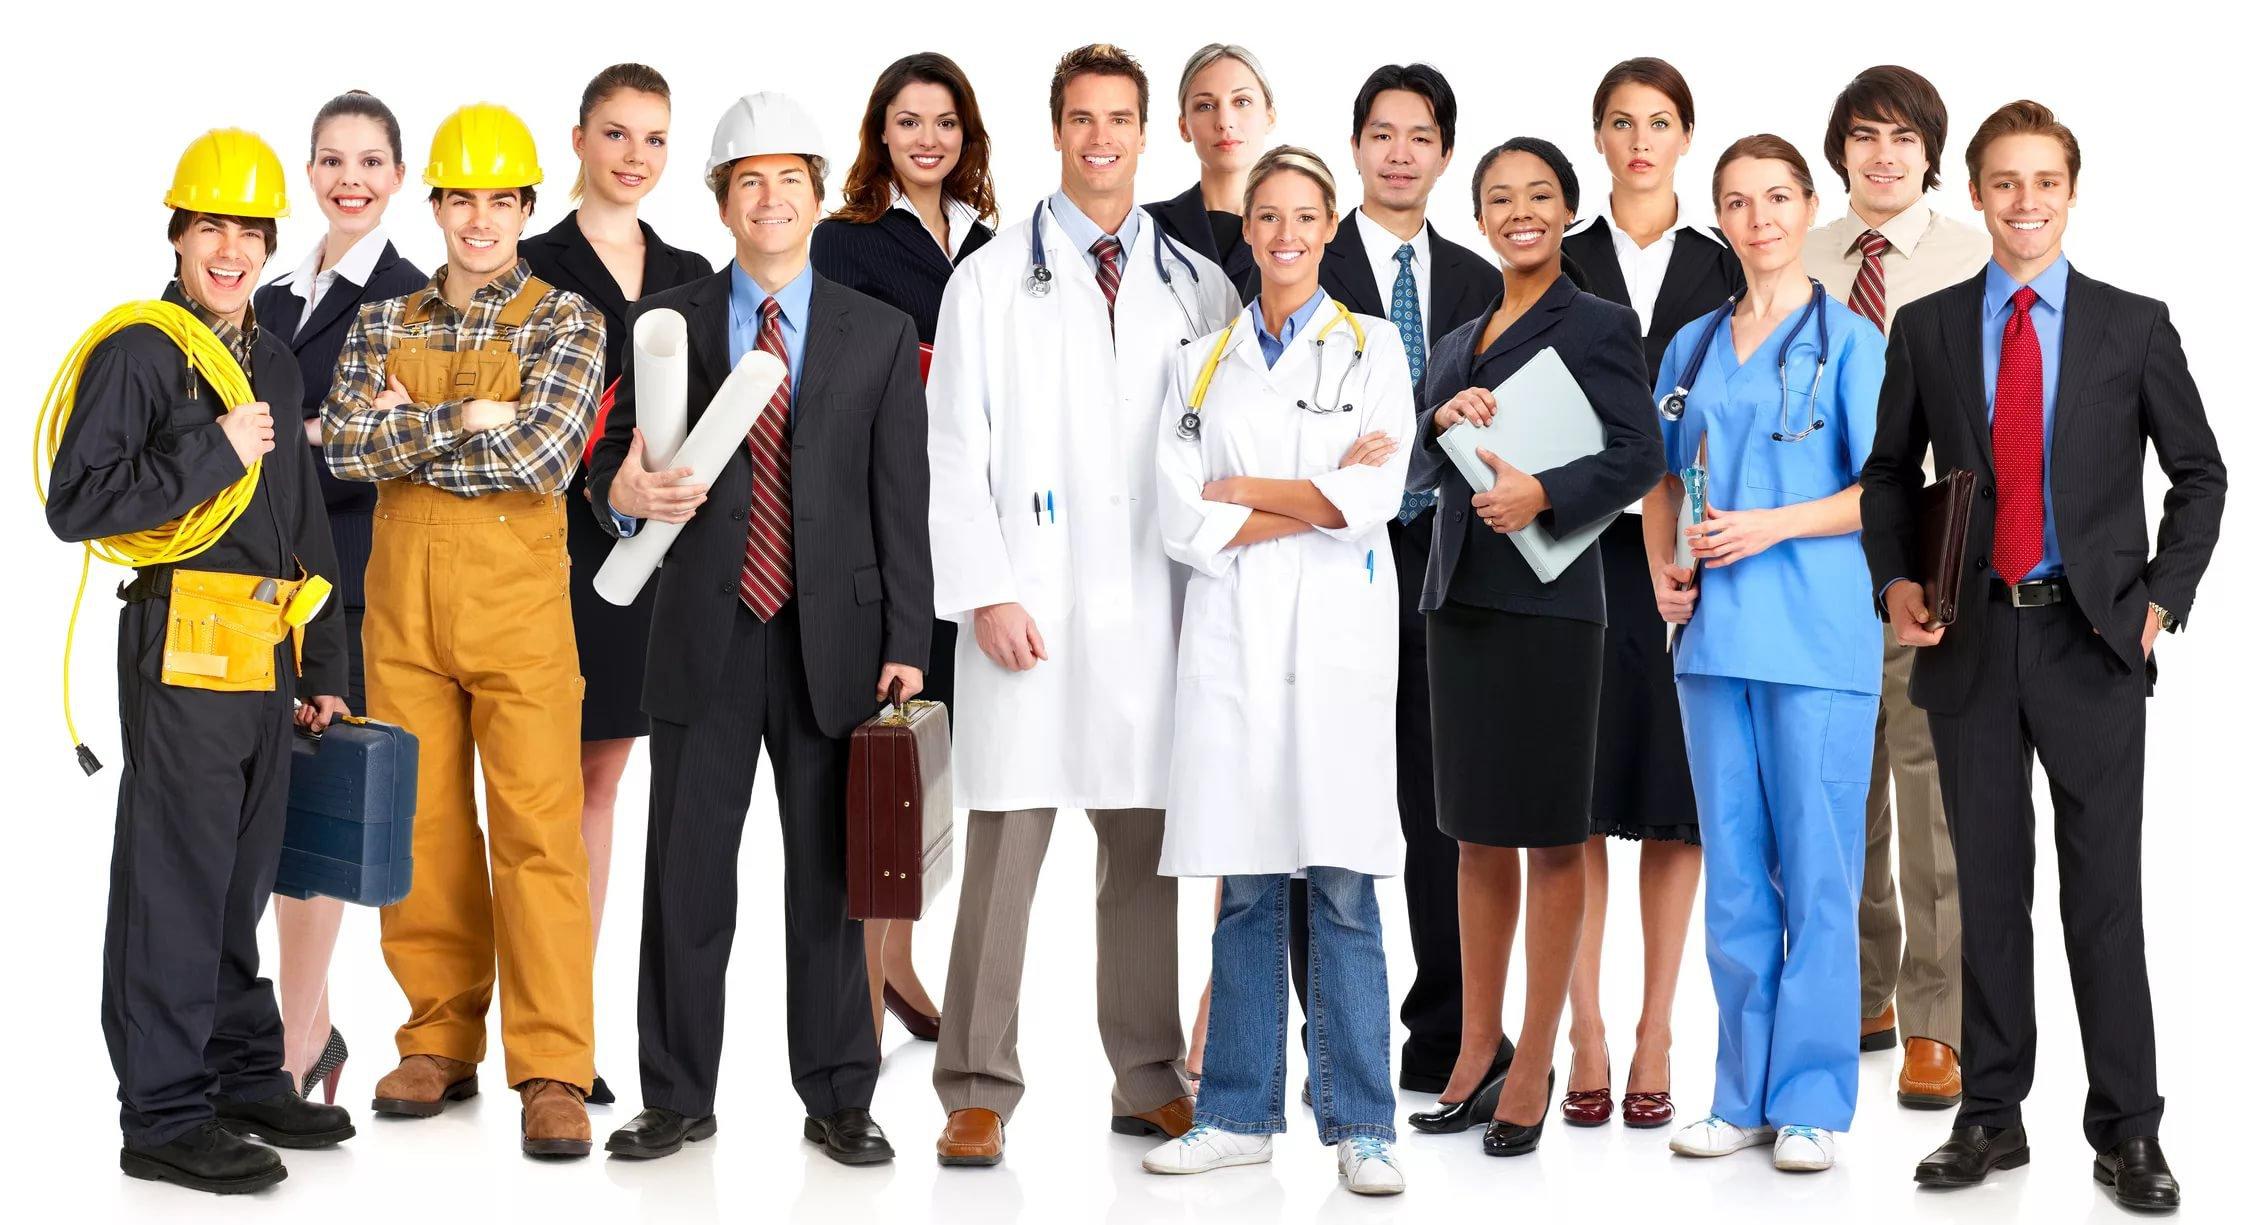 Родители, я буду доктором: как выбрать профессию